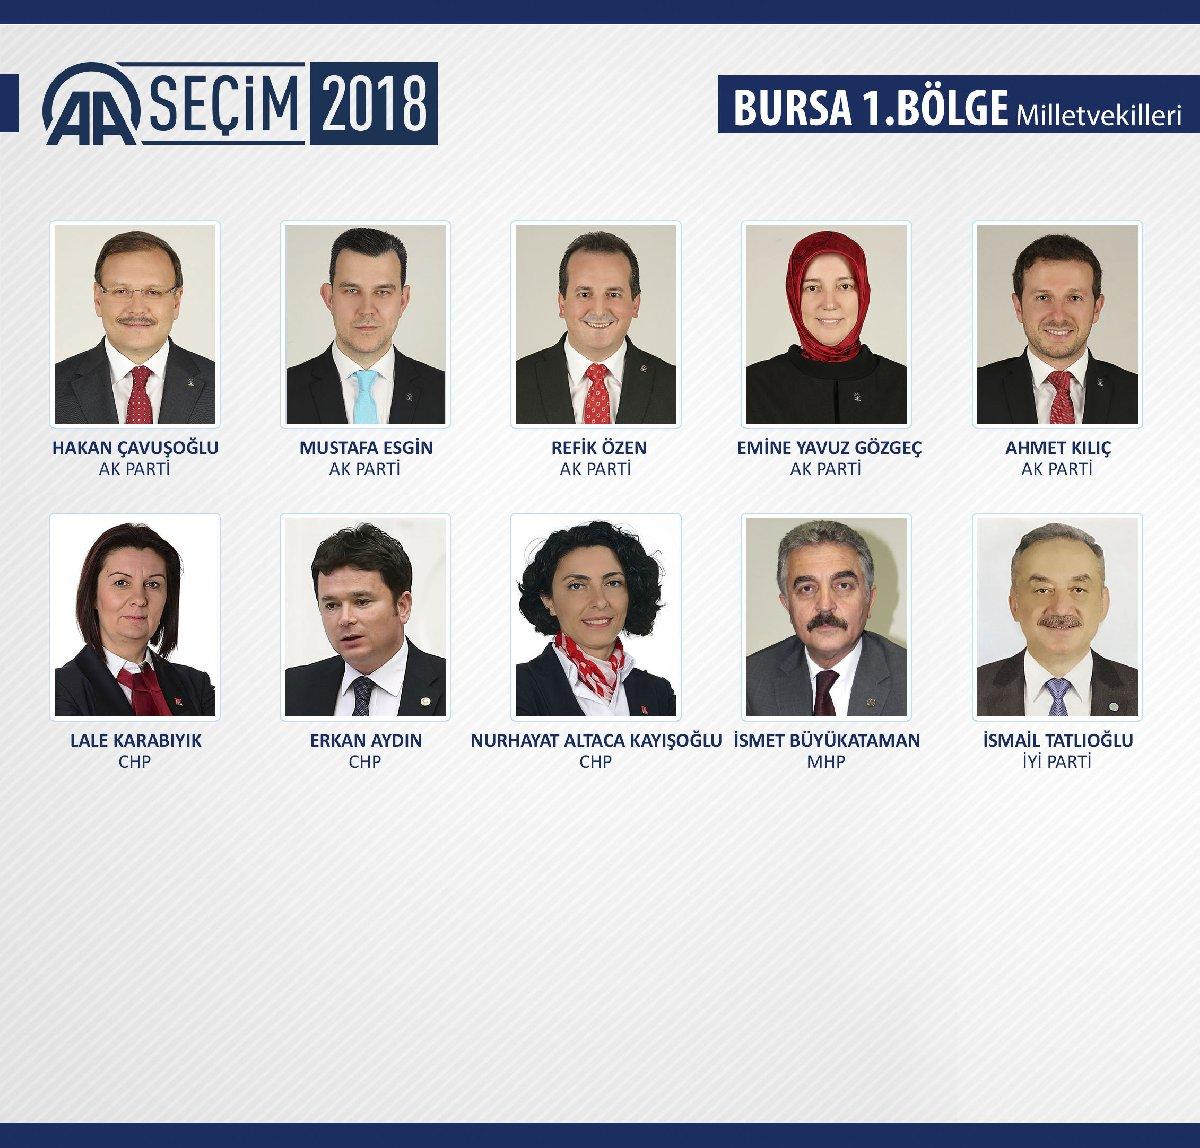 bursa-1-bolge